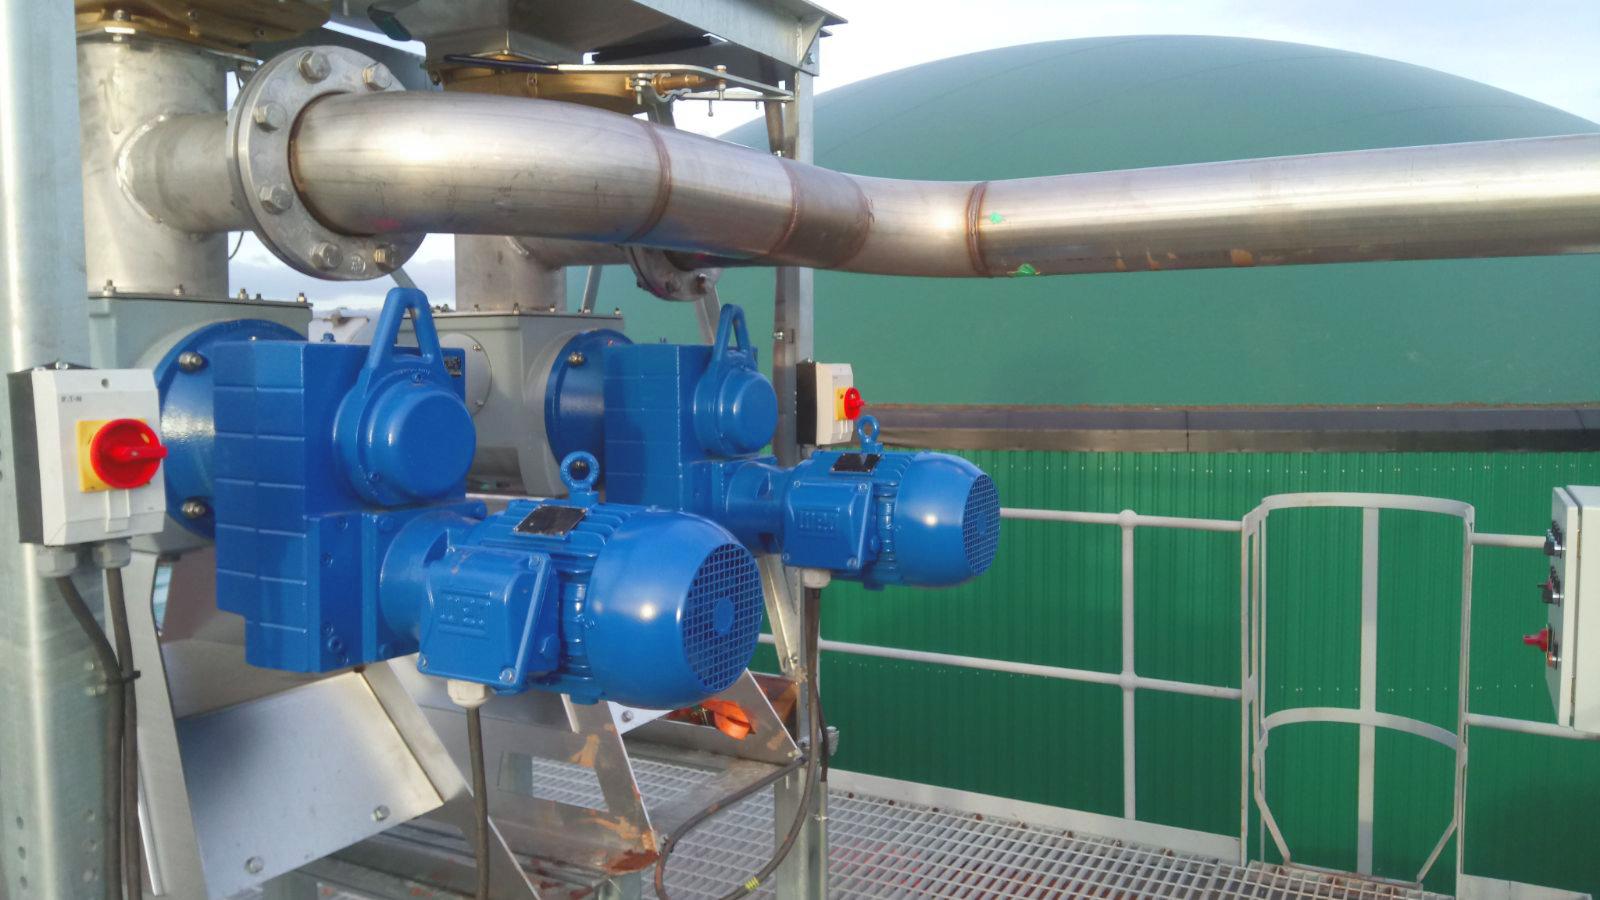 02 Instalación de Separadores y Plataforma-Planta de Biogás de 1MW en Stracathro Reino Unido